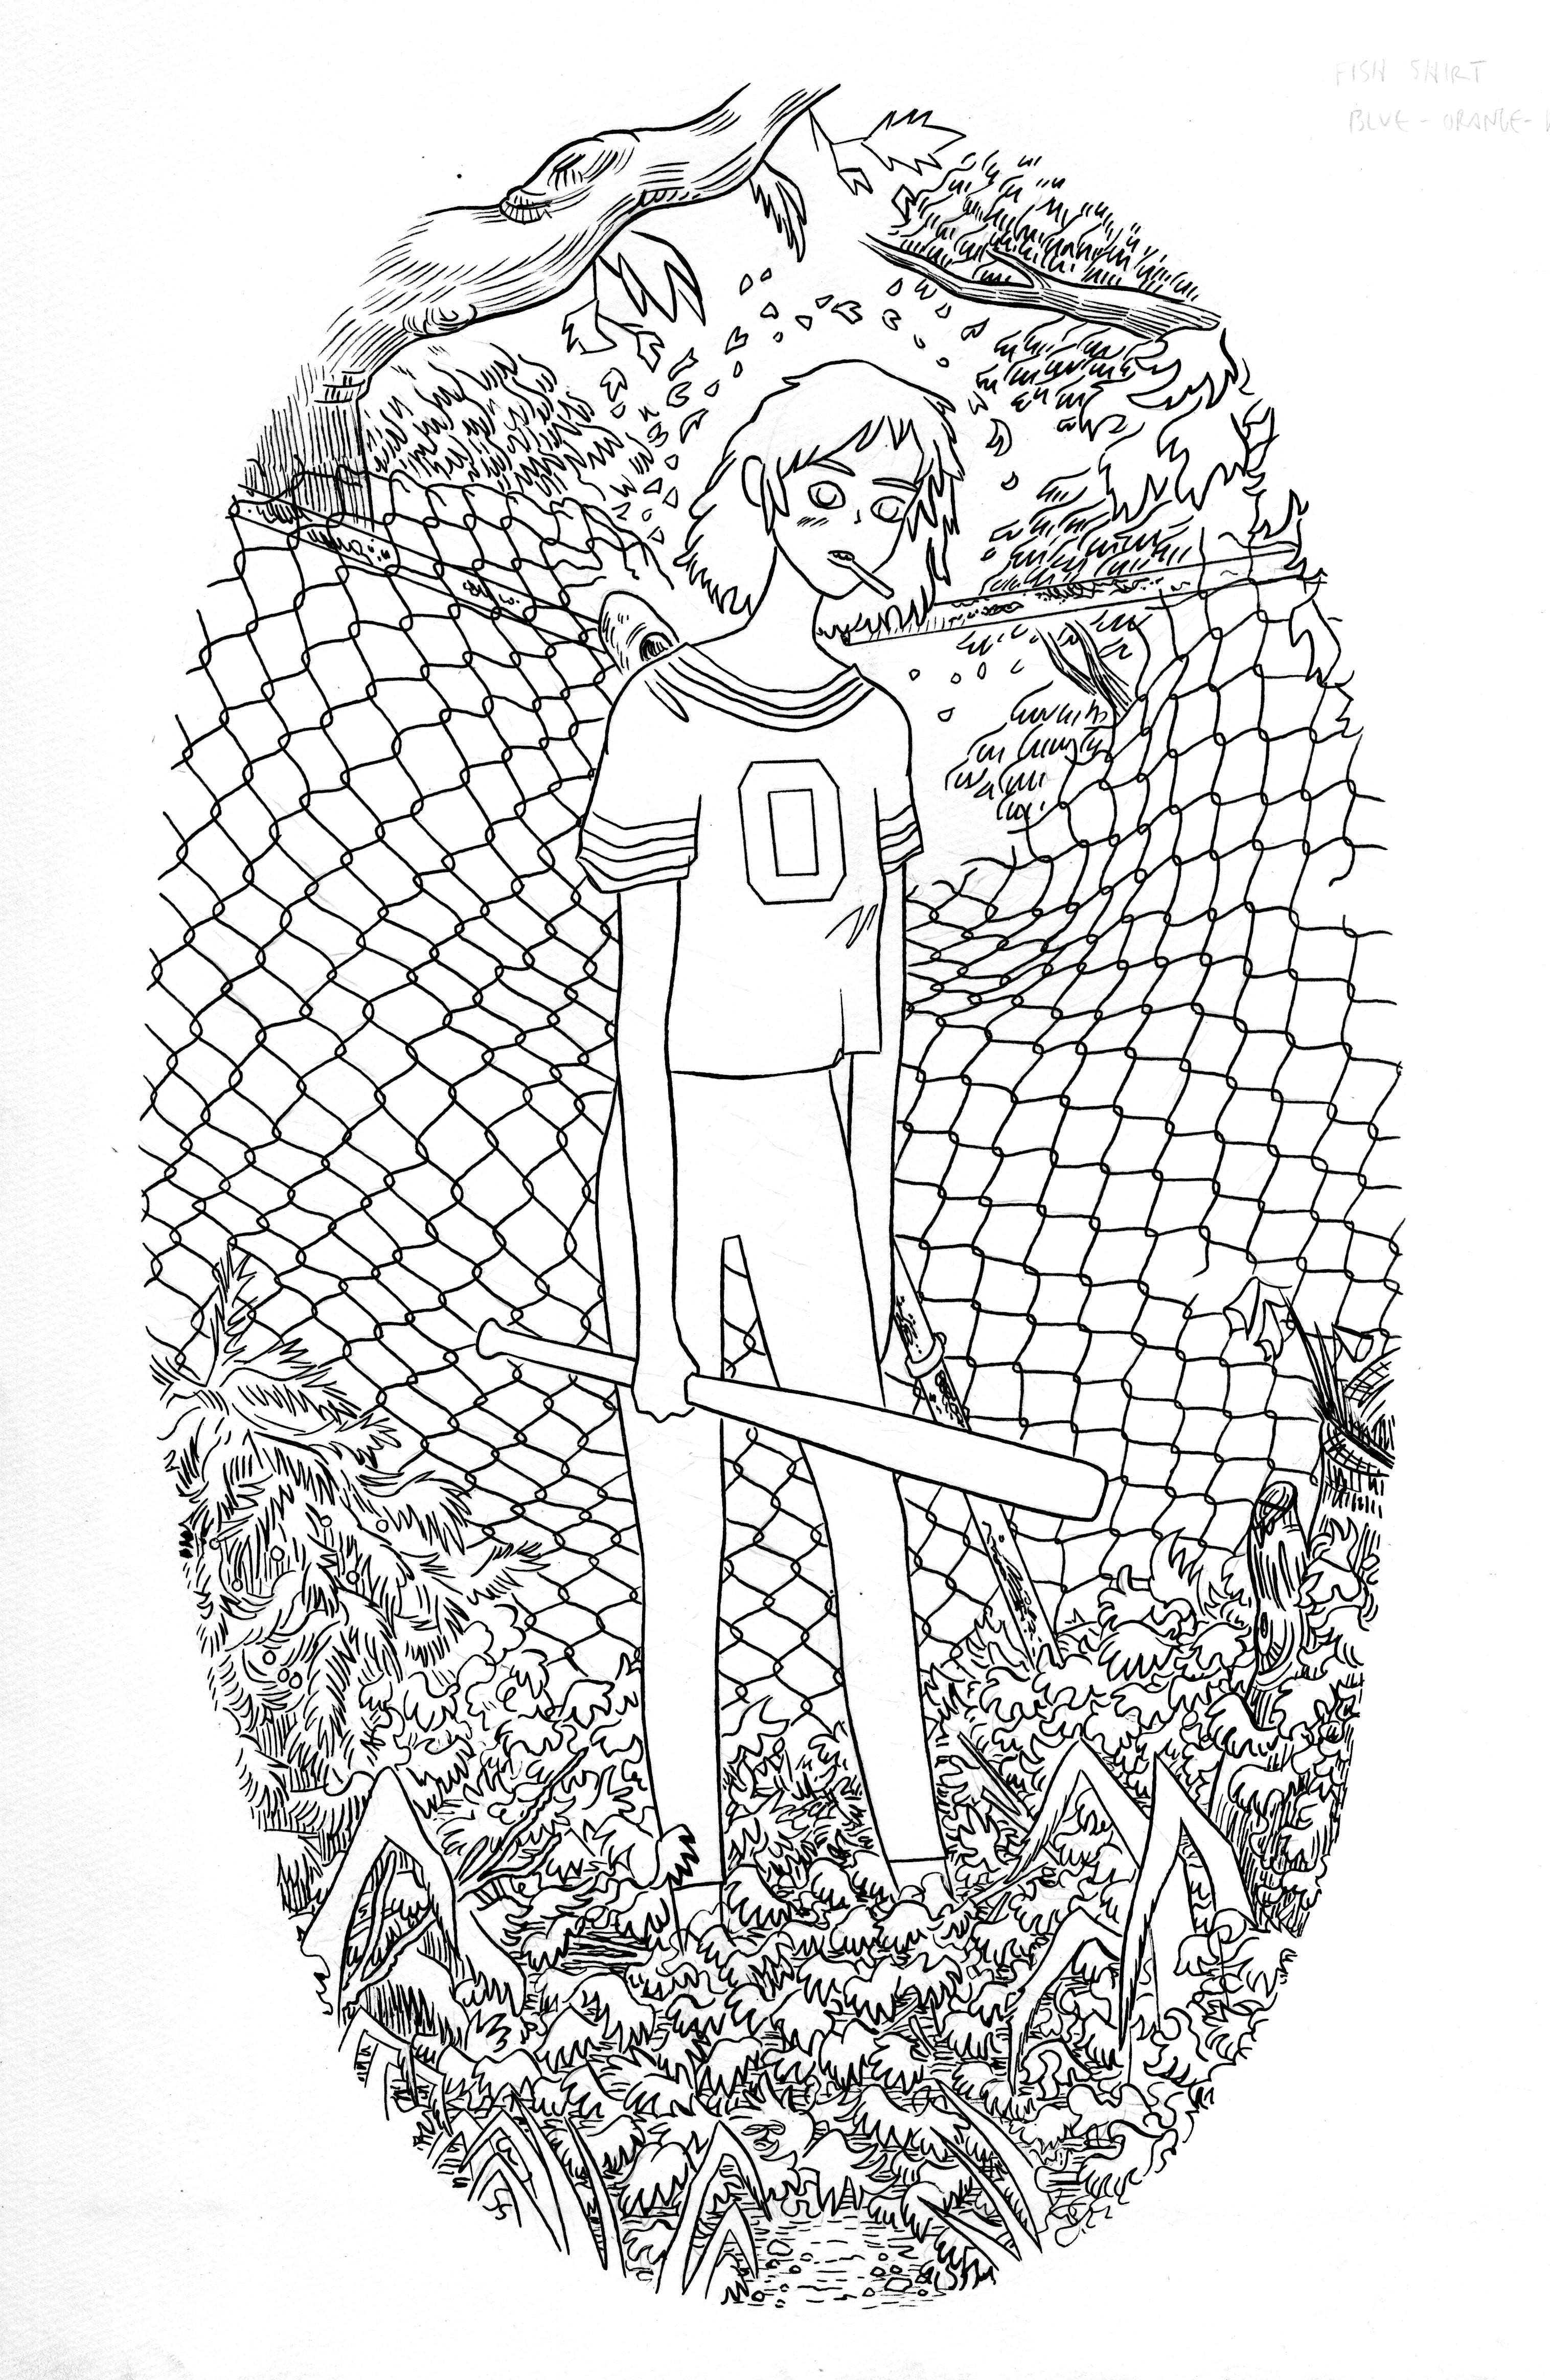 No Trespassing (line art)